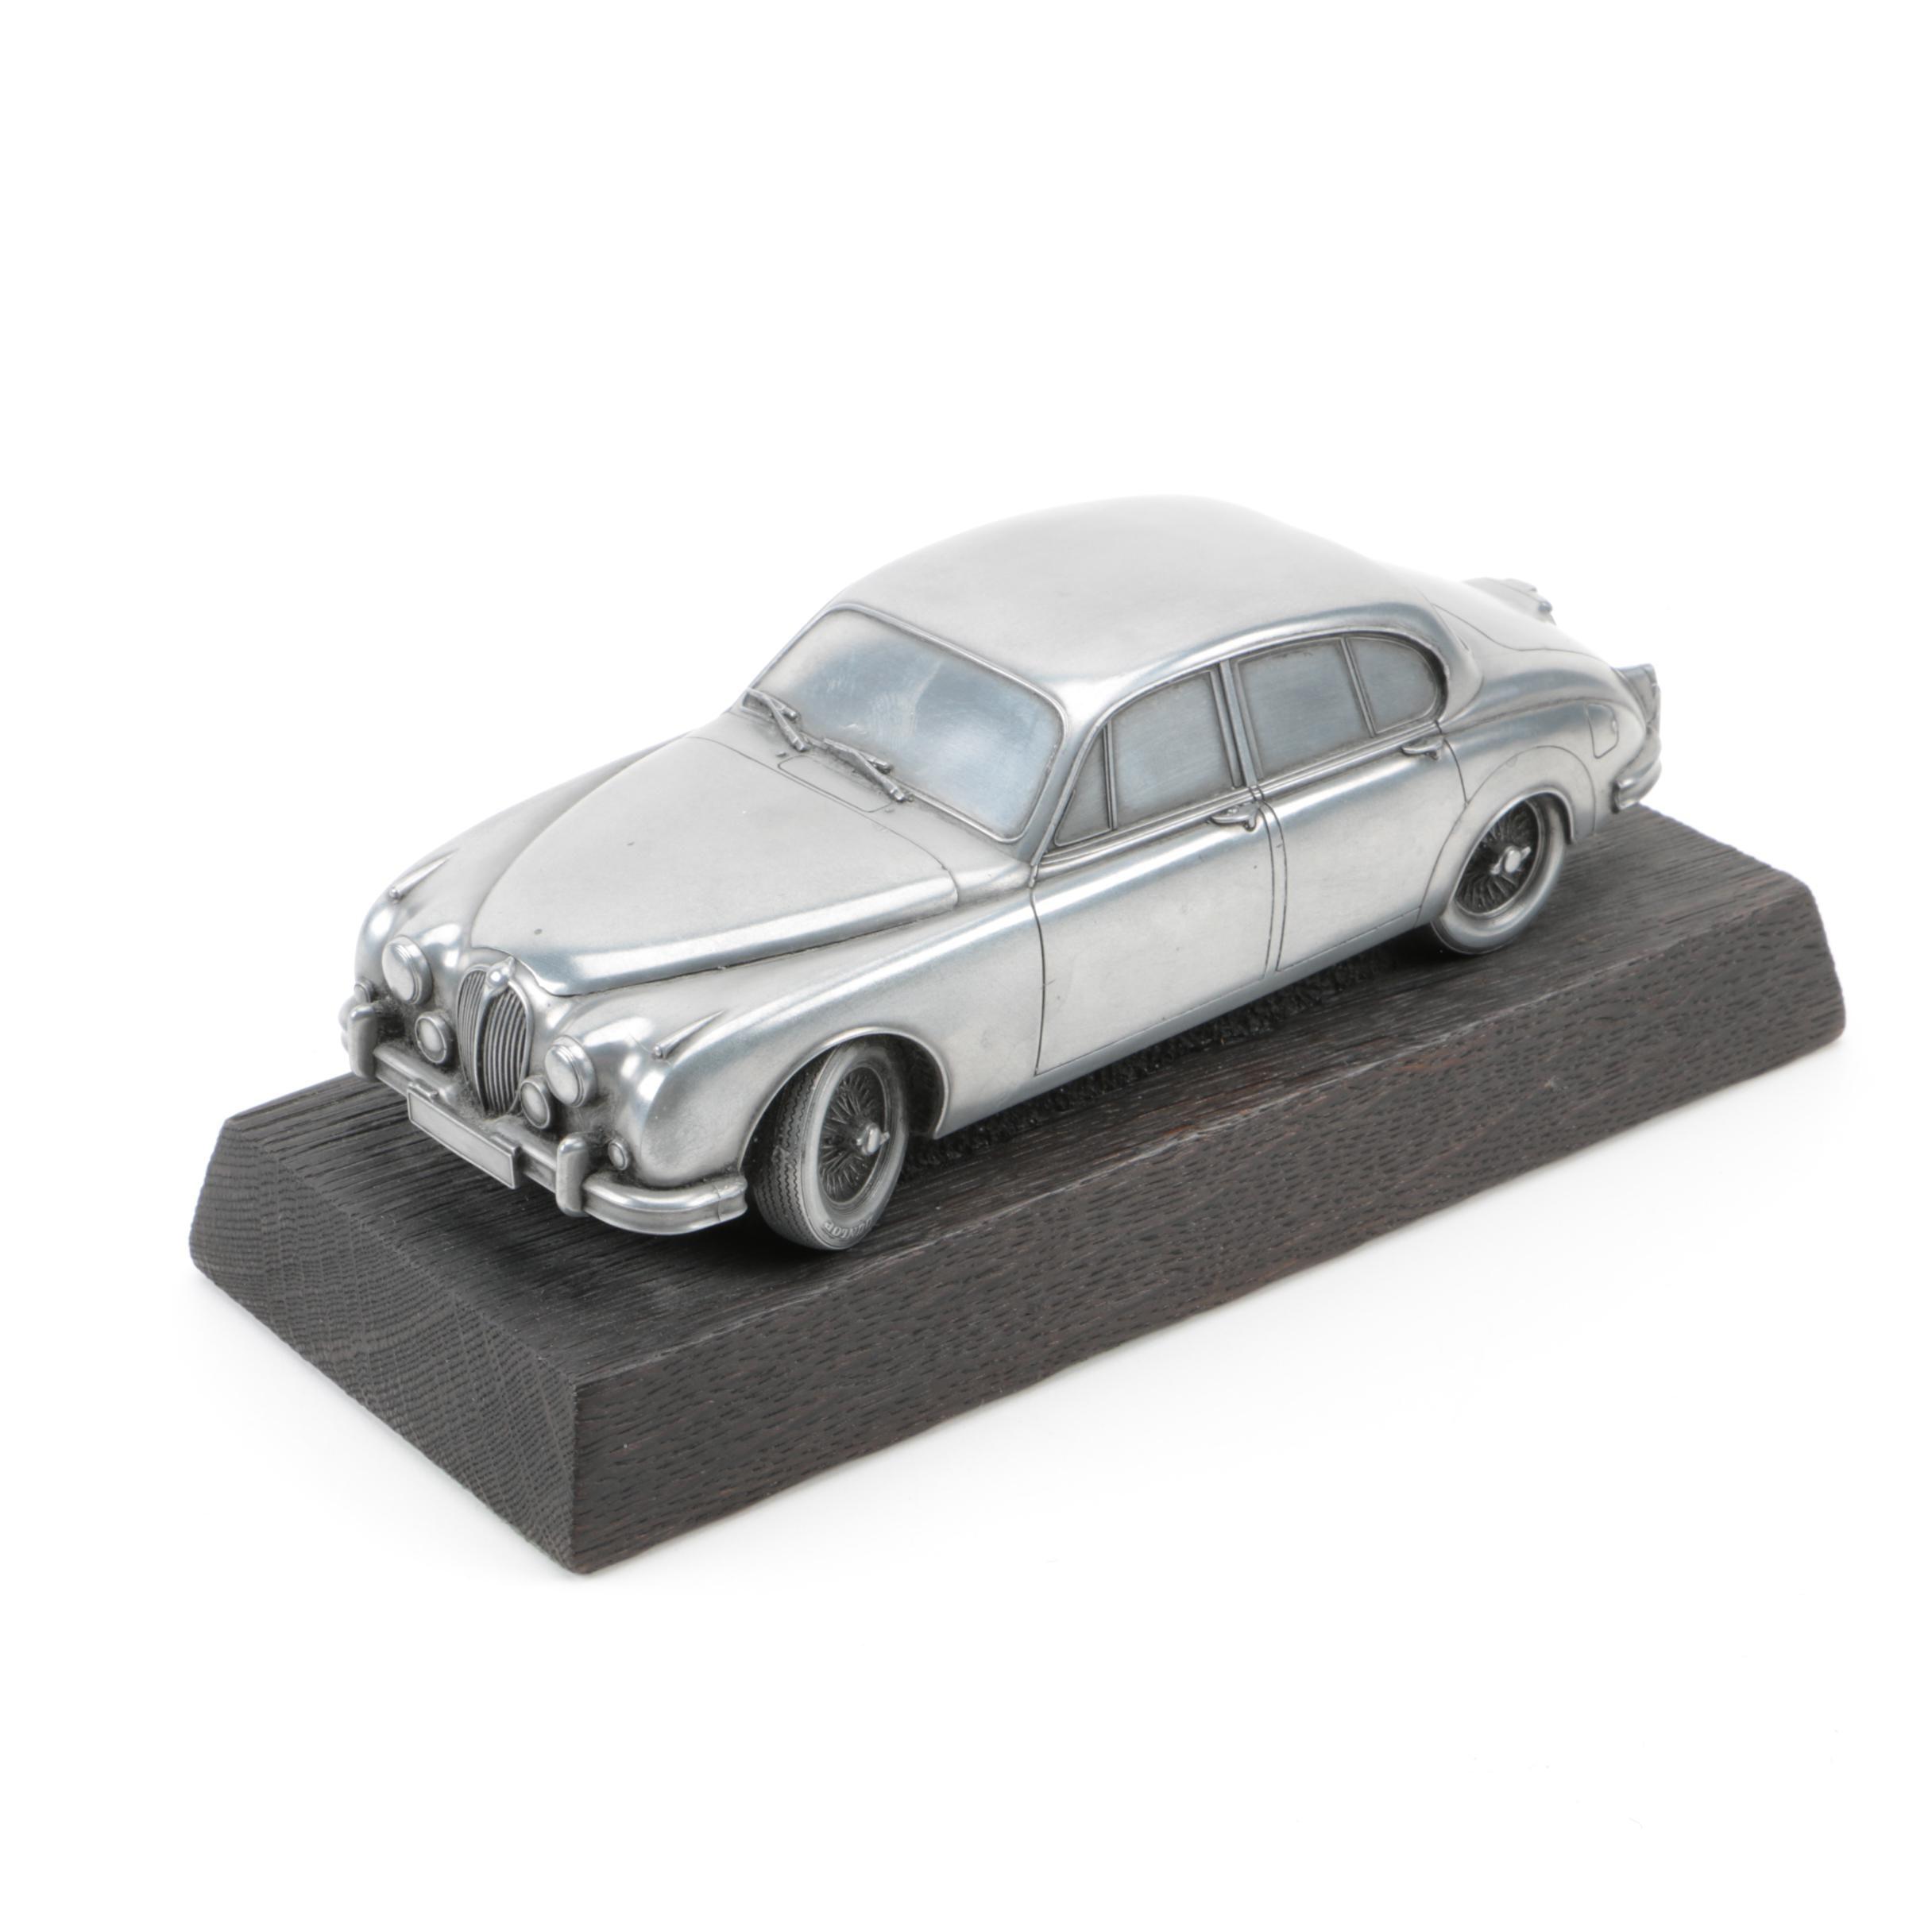 Handmade Car Sculptural Figurine